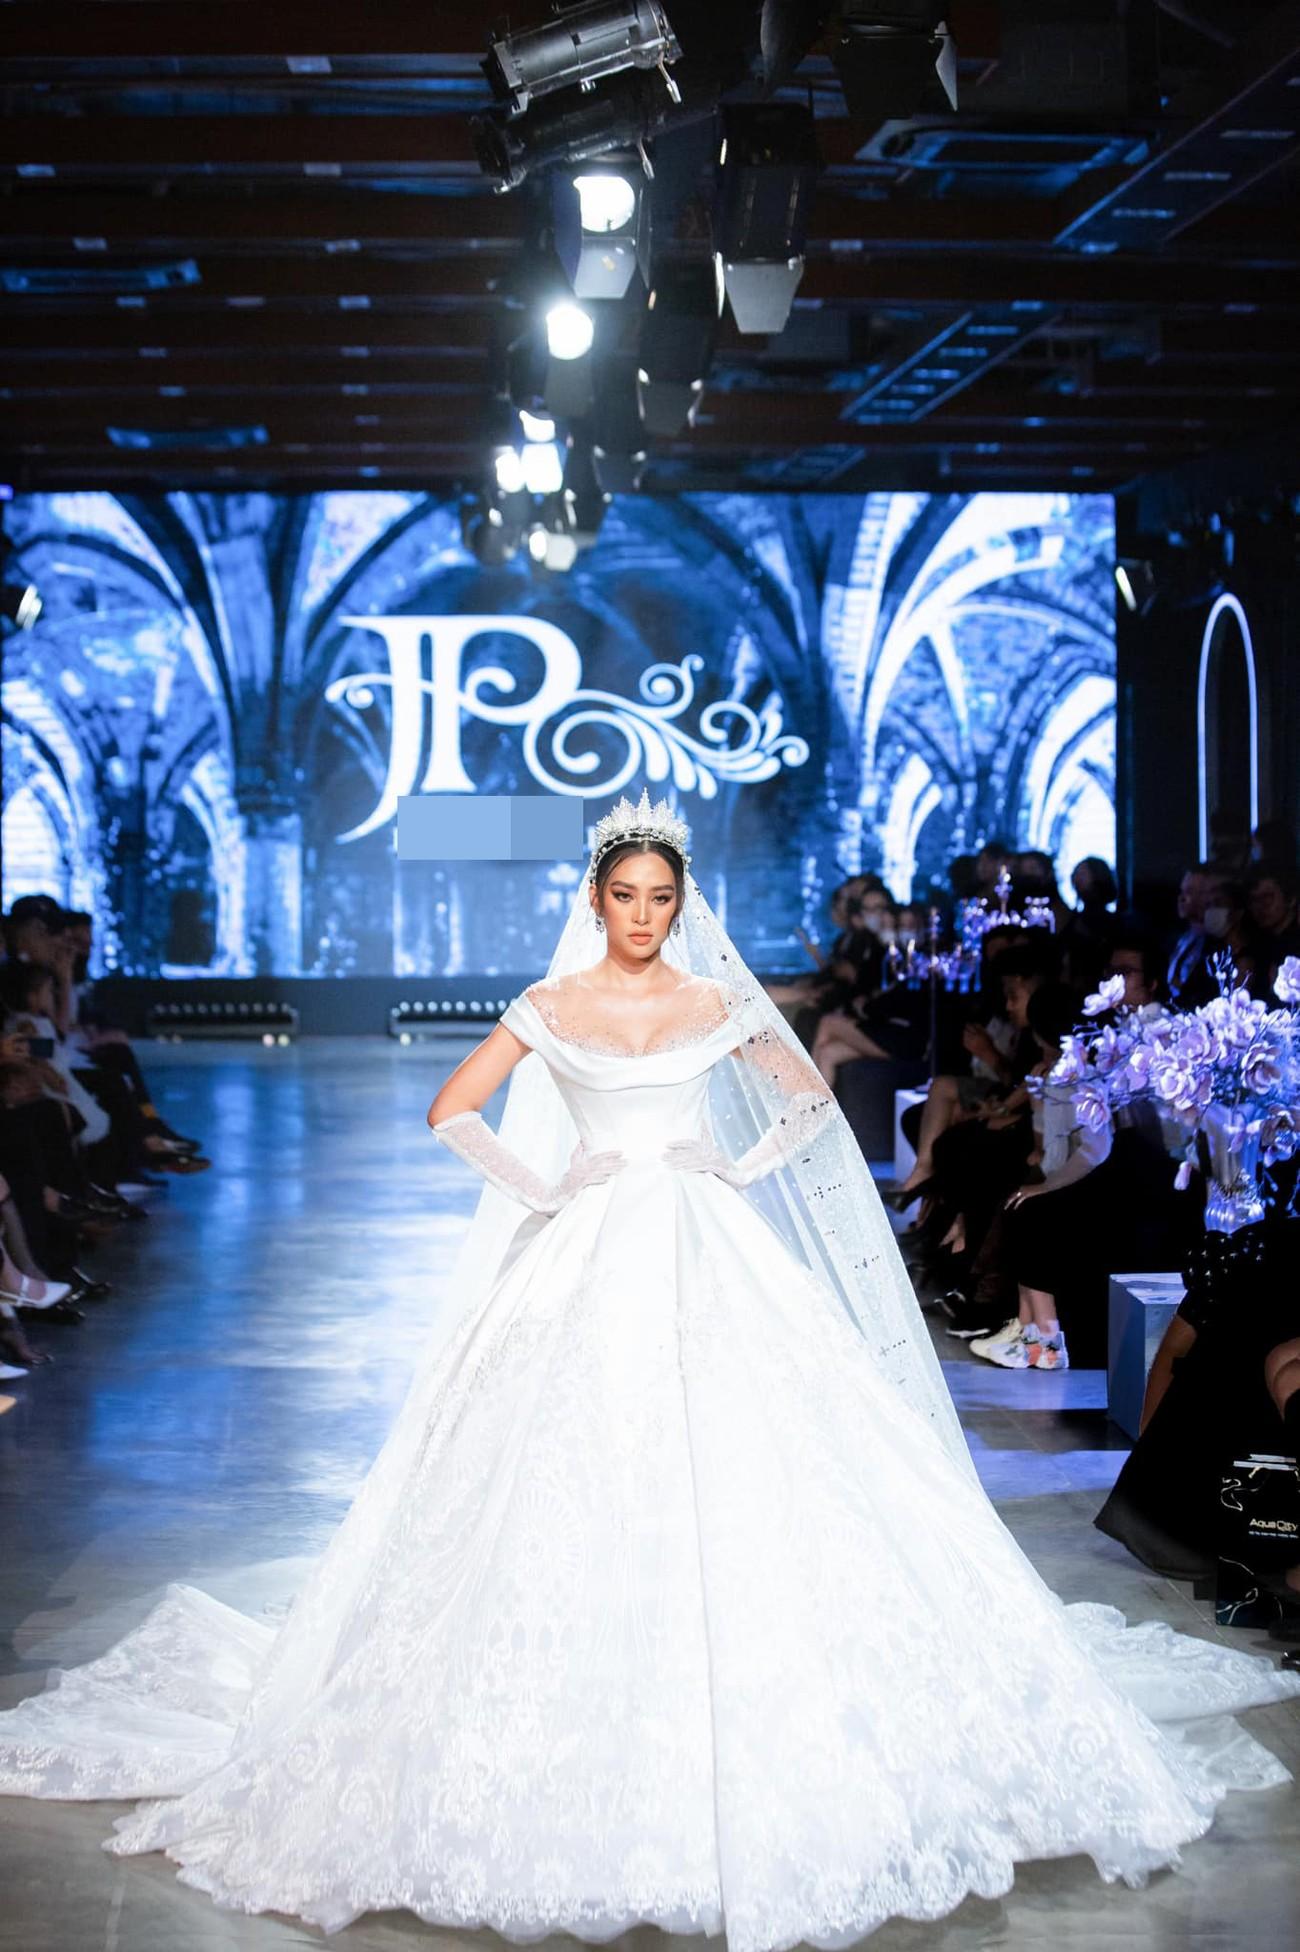 Hoa hậu Tiểu Vy mặc váy cô dâu khoe thềm ngực quyến rũ ảnh 1